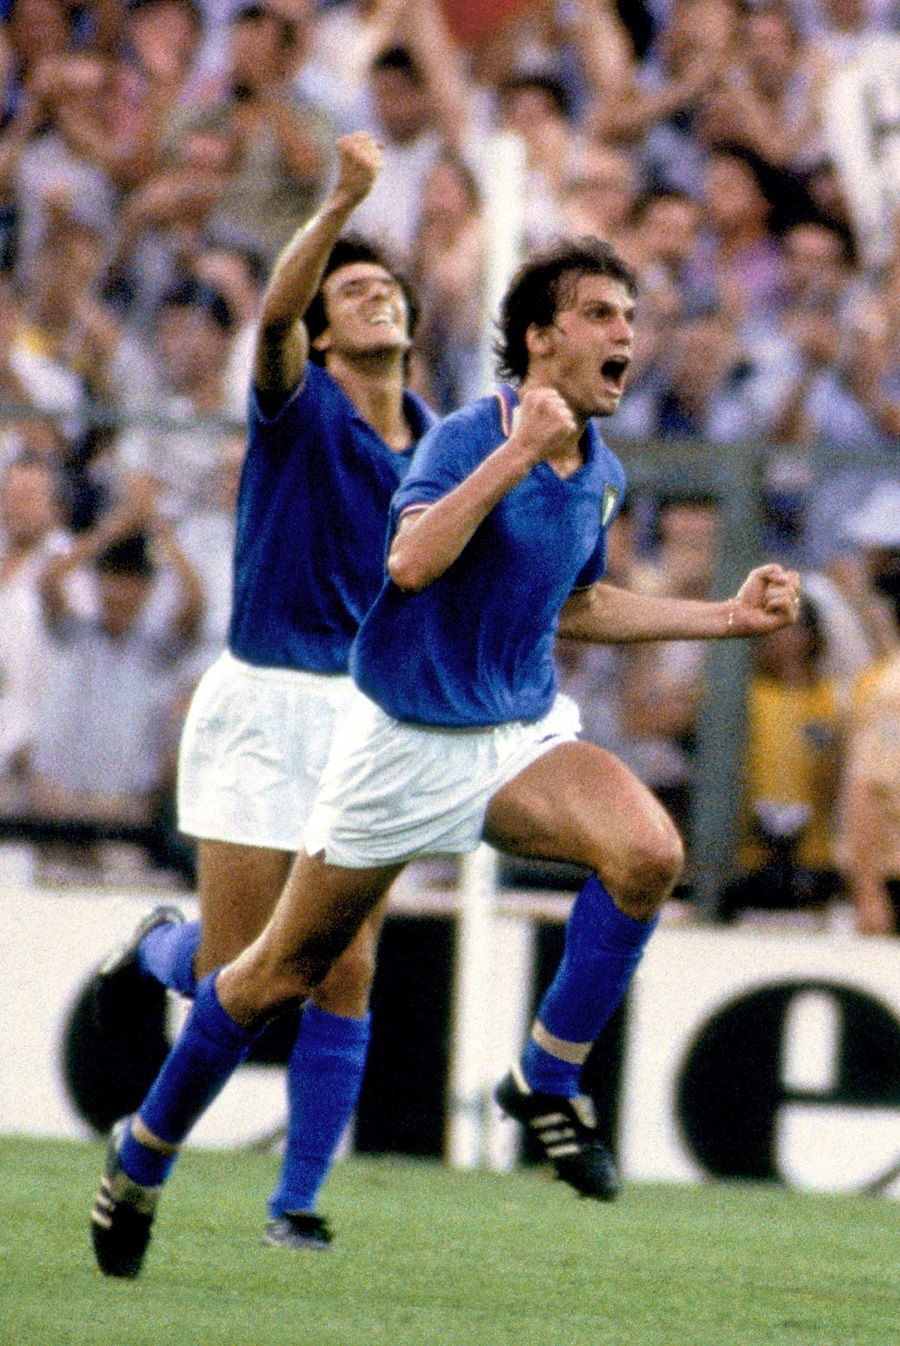 Ιταλία: Ο λόγος που φοράει μπλε και... πράσινη φανέλα!